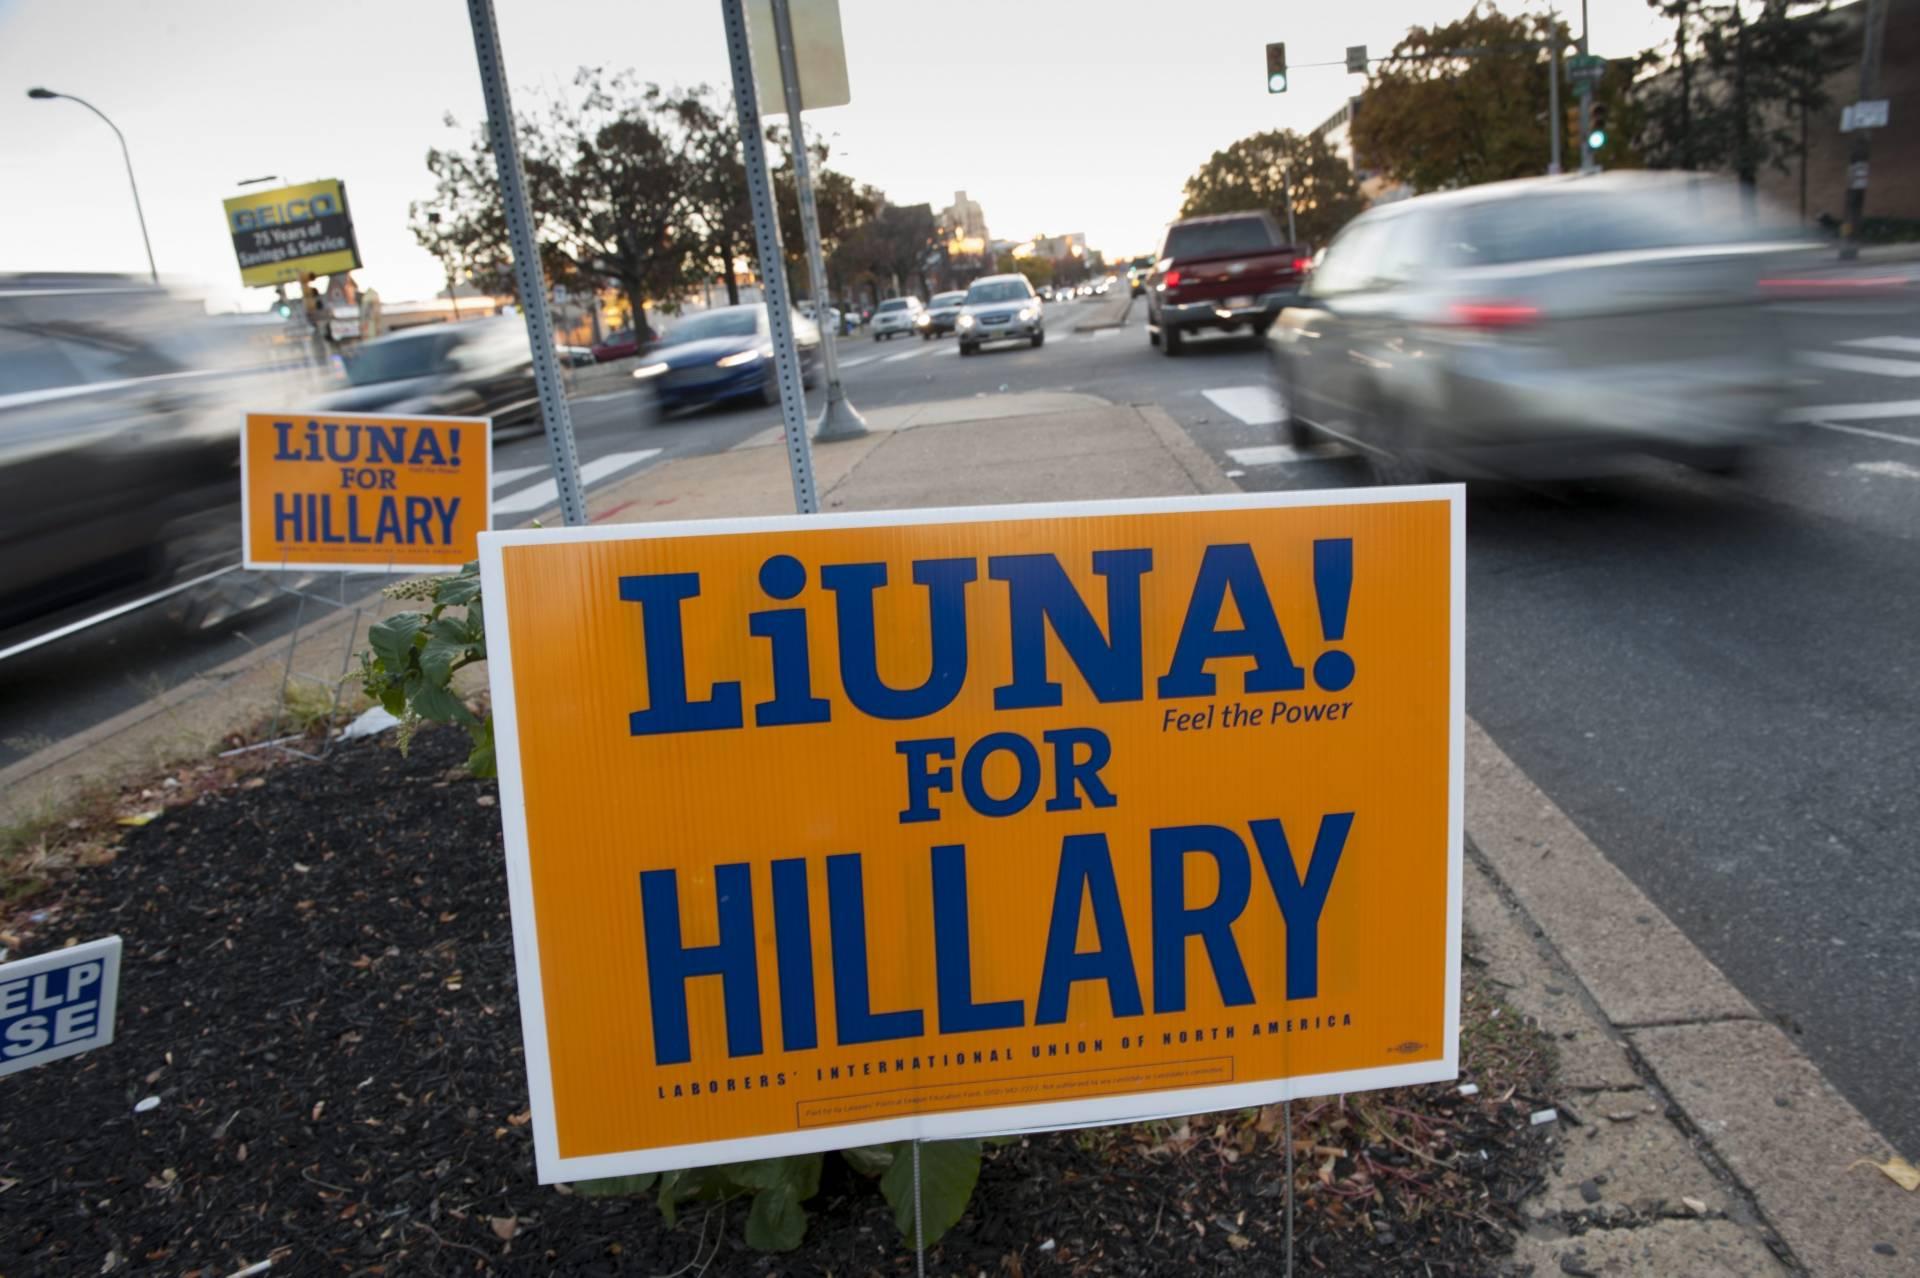 Vista de un cartel en apoyo a la candidata demócrata a la Presidencia Hillary Clinton antes de la apertura de los colegios electorales en Filadelfia. EFE